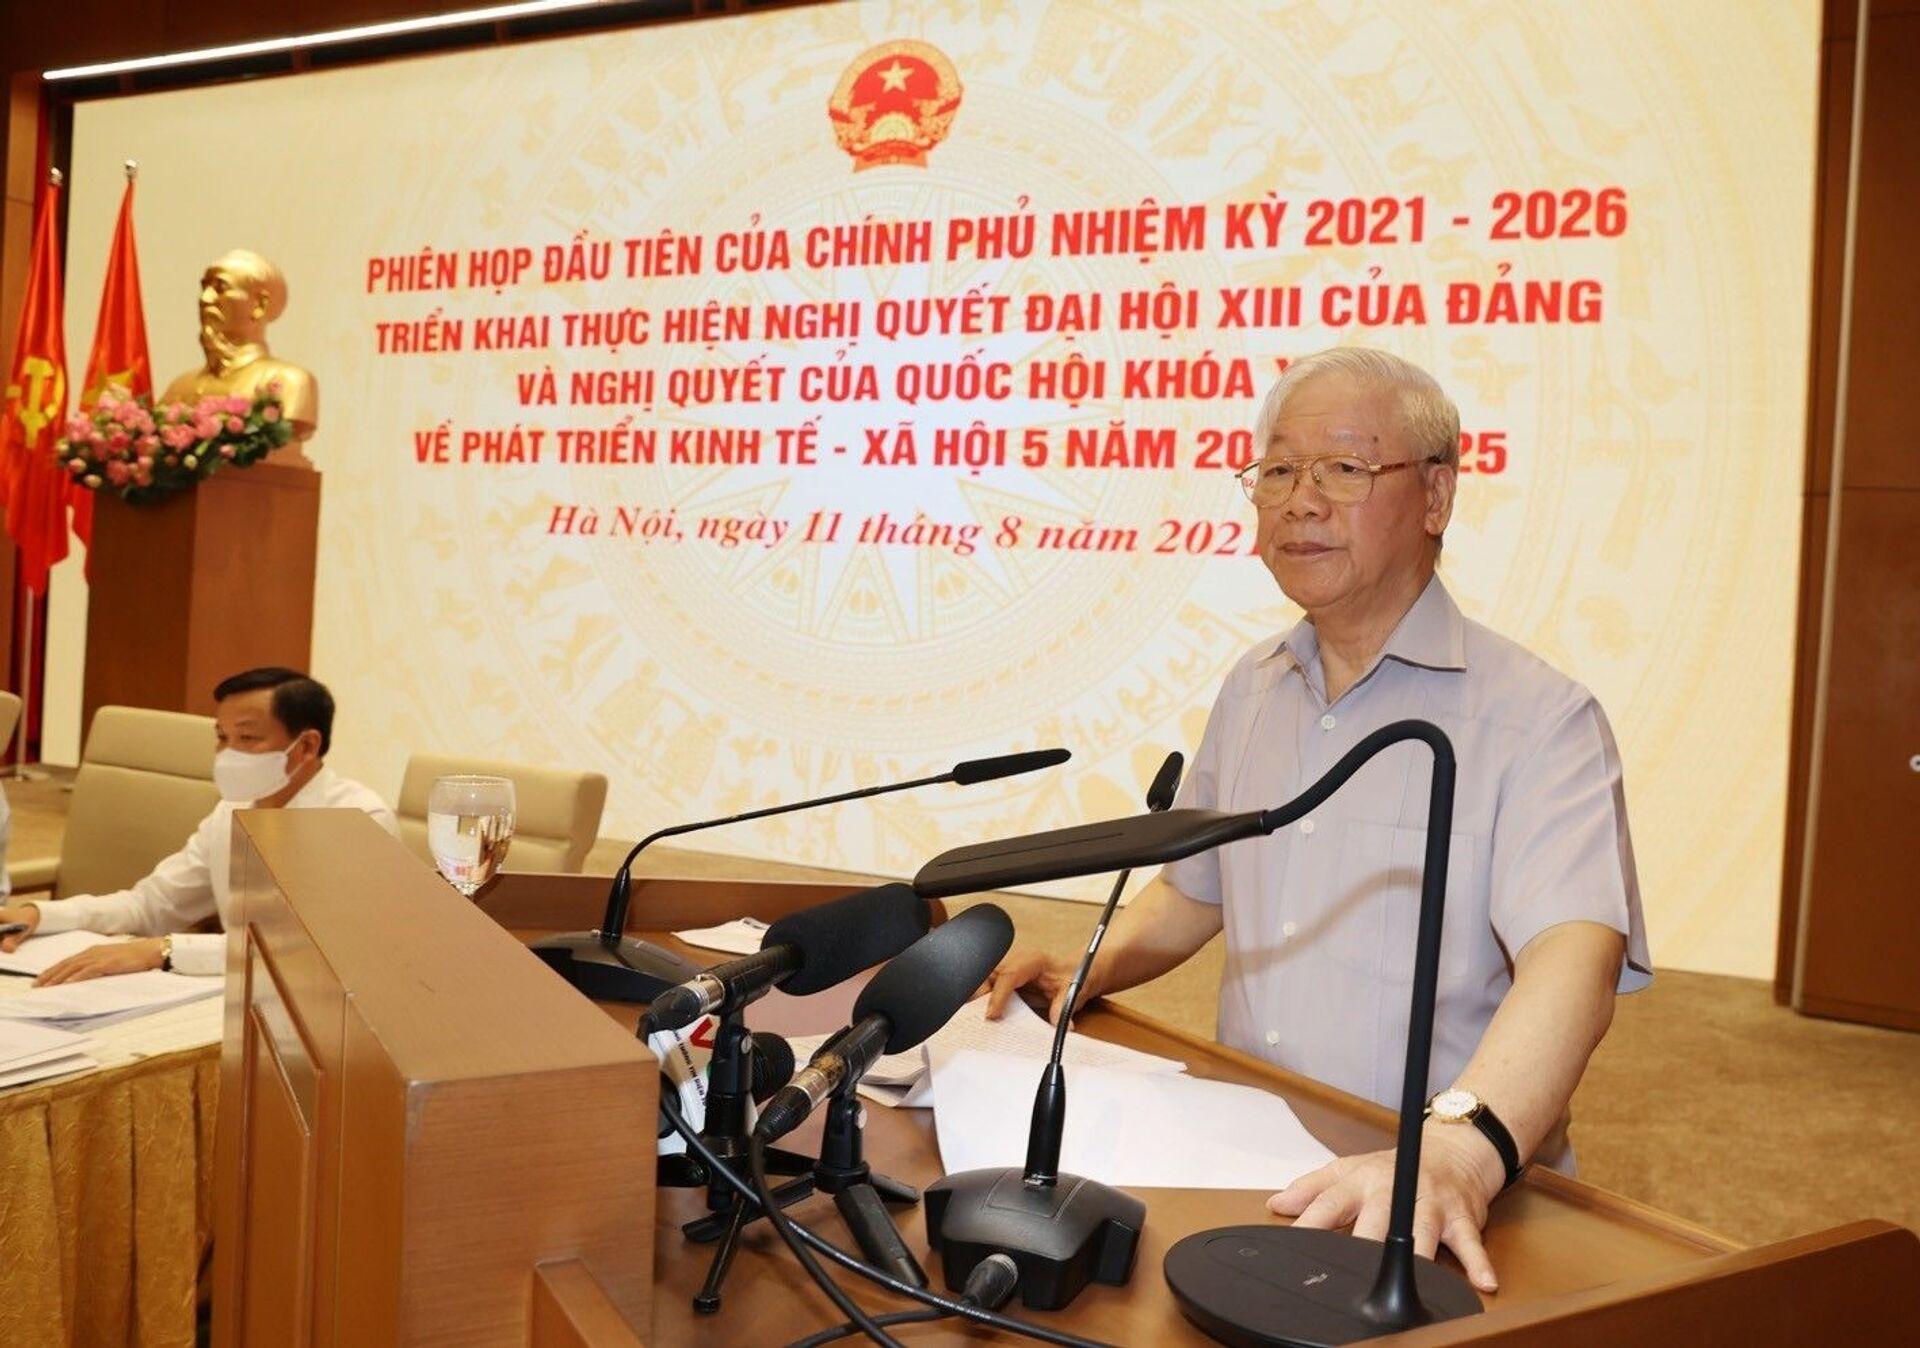 Tổng bí thư Nguyễn Phú Trọng phát biểu tại phiên họp đầu tiên của Chính phủ nhiệm kỳ 2021- 2026 với các địa phương được tổ chức theo hình thức trực tuyến - Sputnik Việt Nam, 1920, 05.10.2021